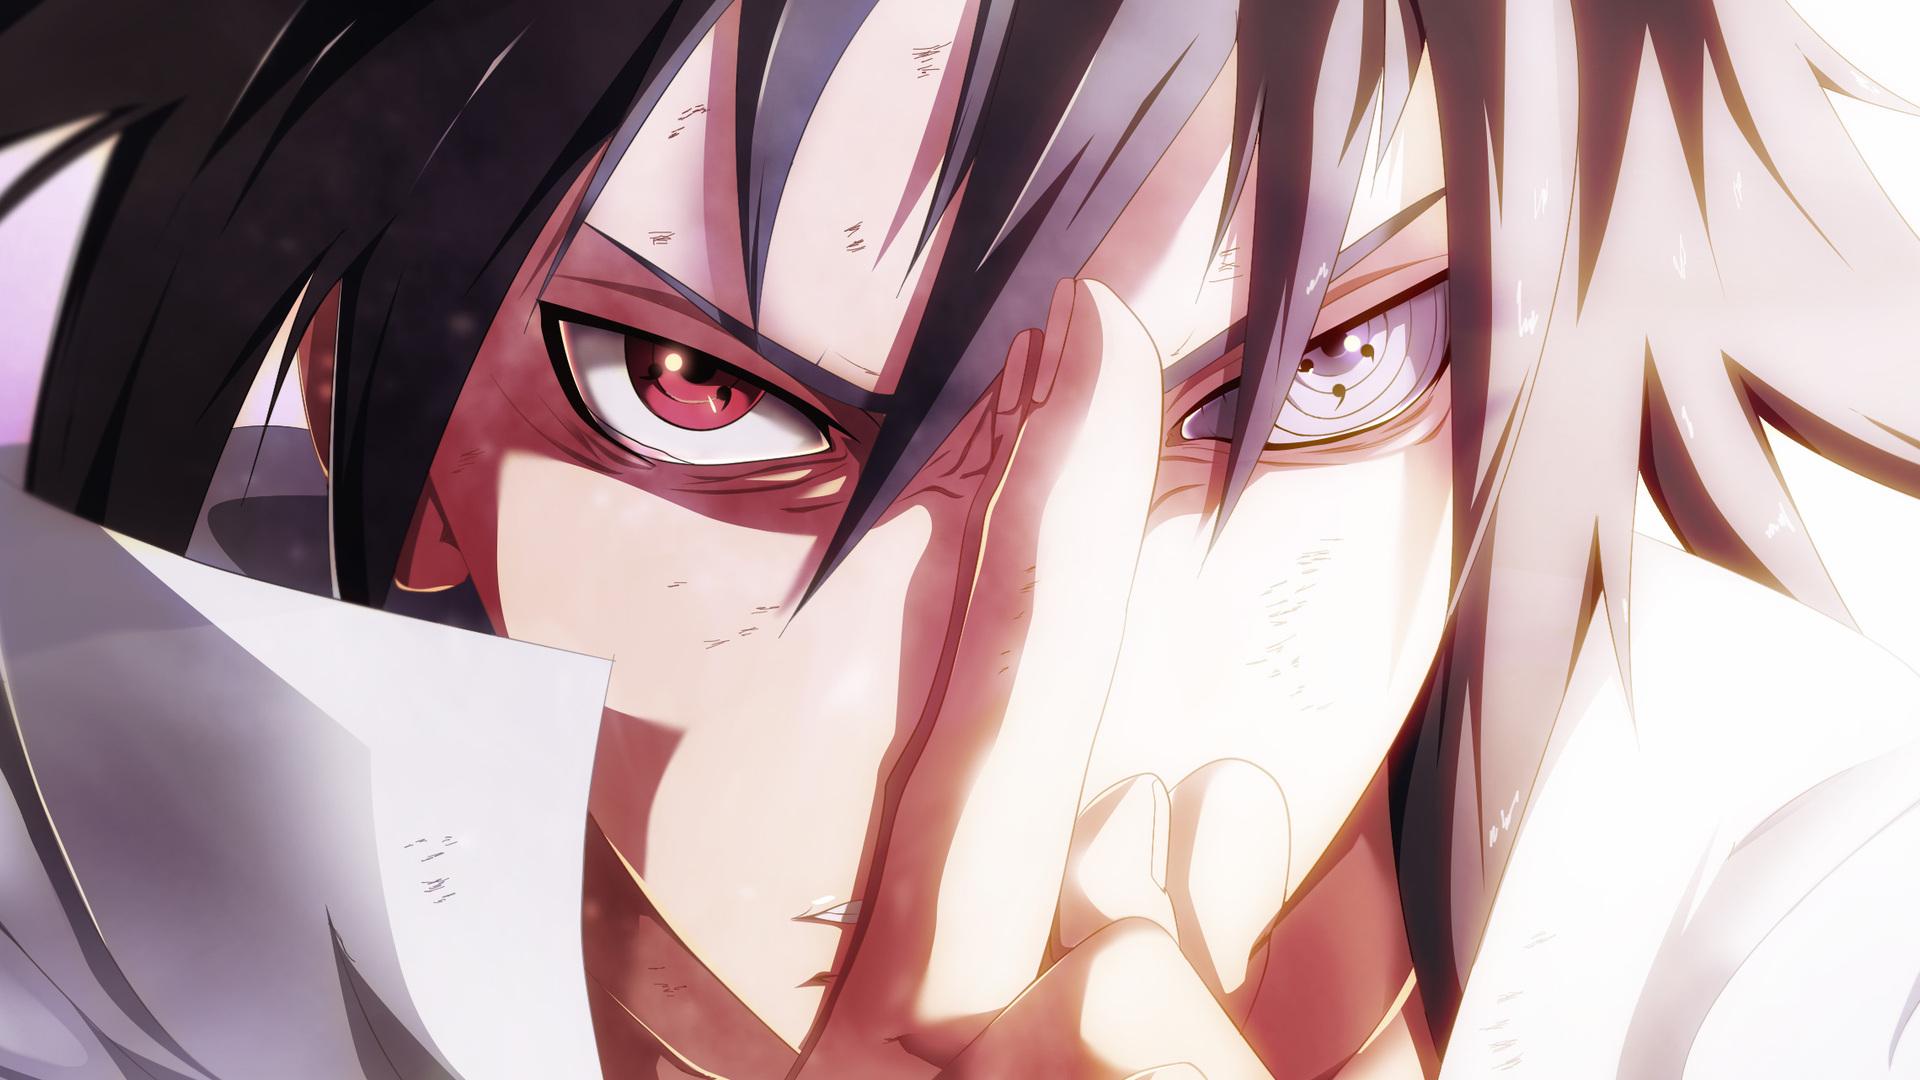 1920x1080 Sasuke Uchiha Naruto Laptop Full HD 1080P HD 4k ...